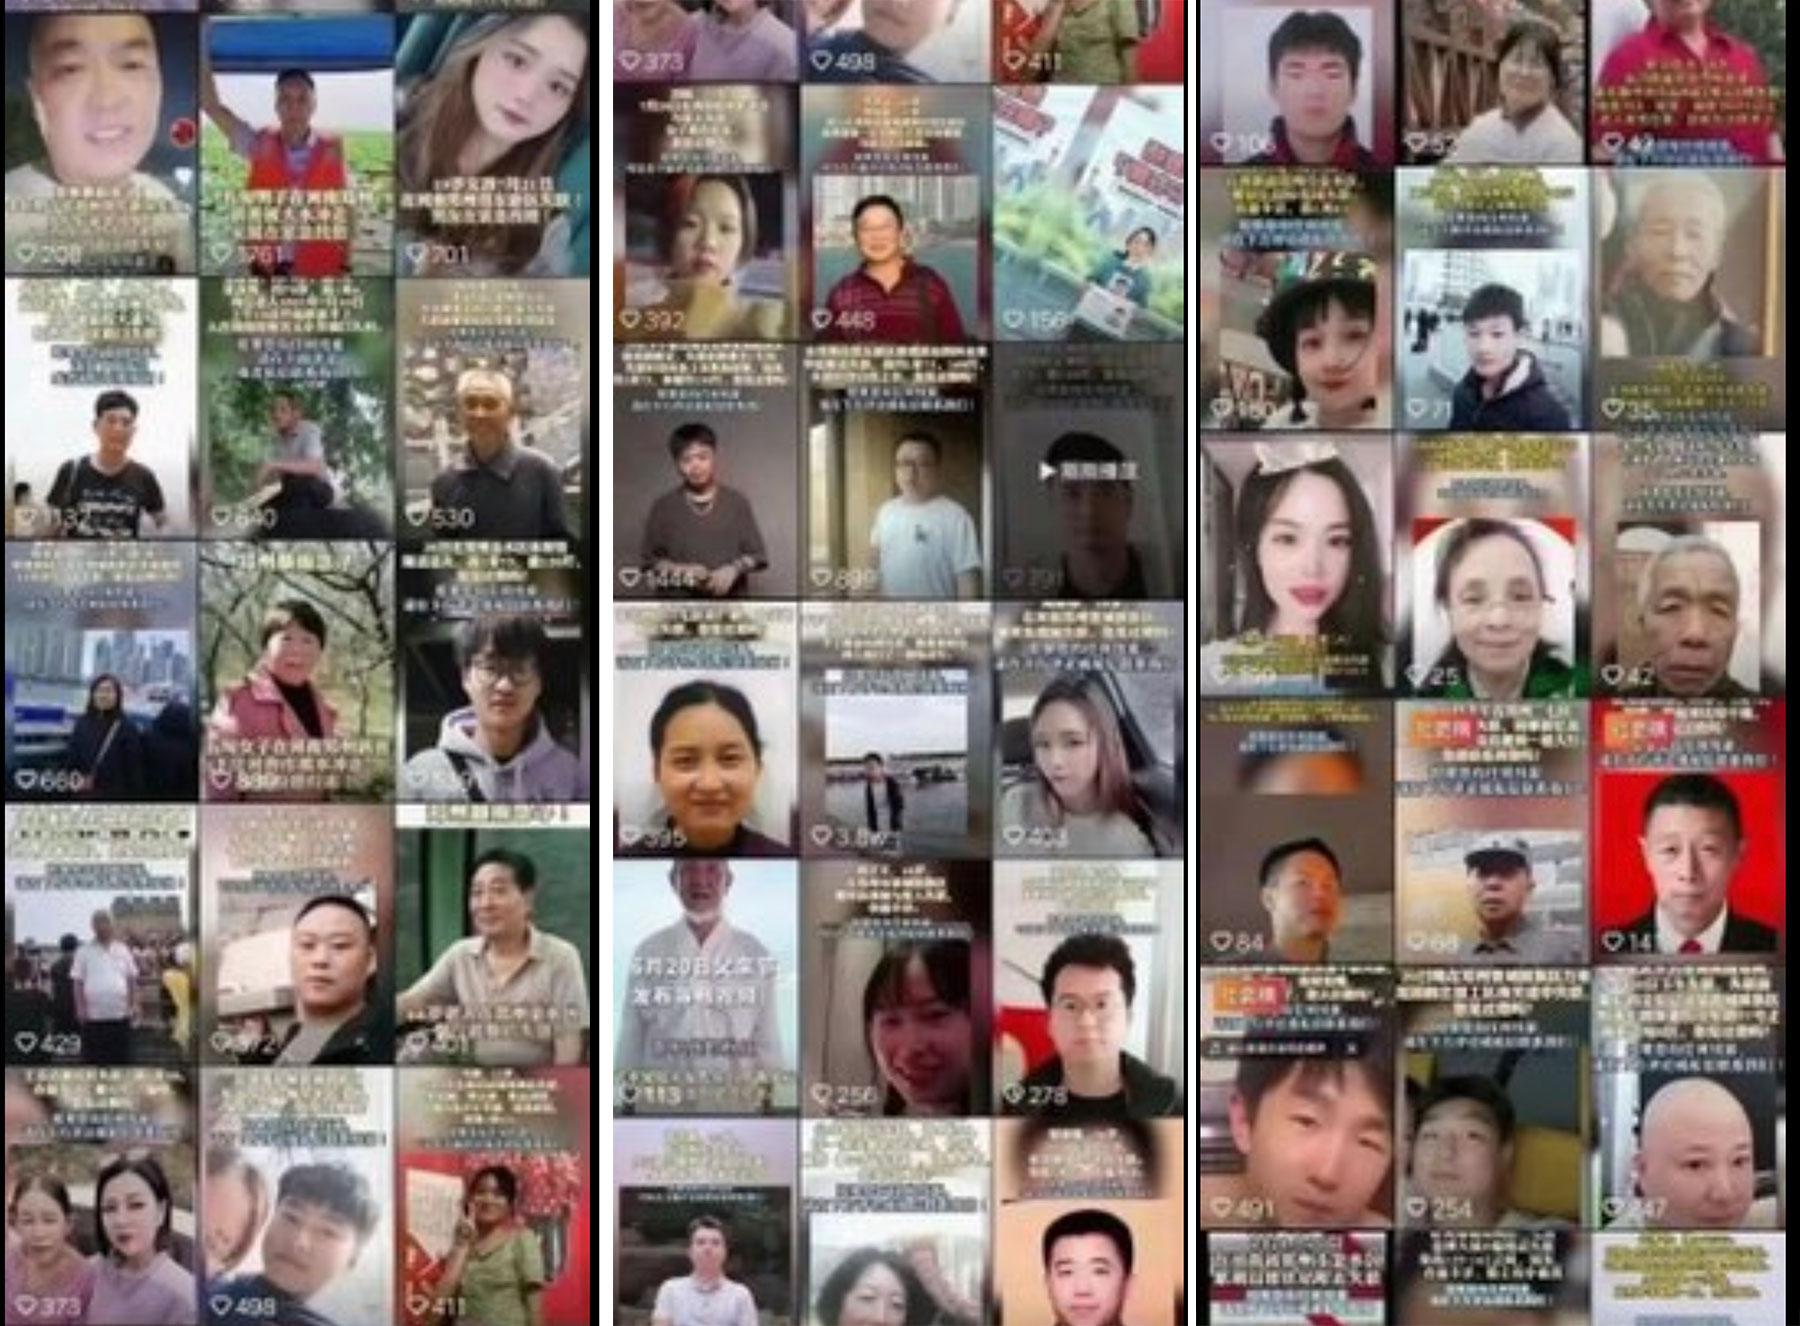 网民整理的河南水灾失踪者图片(部分已经找回)。(乔龙提供)